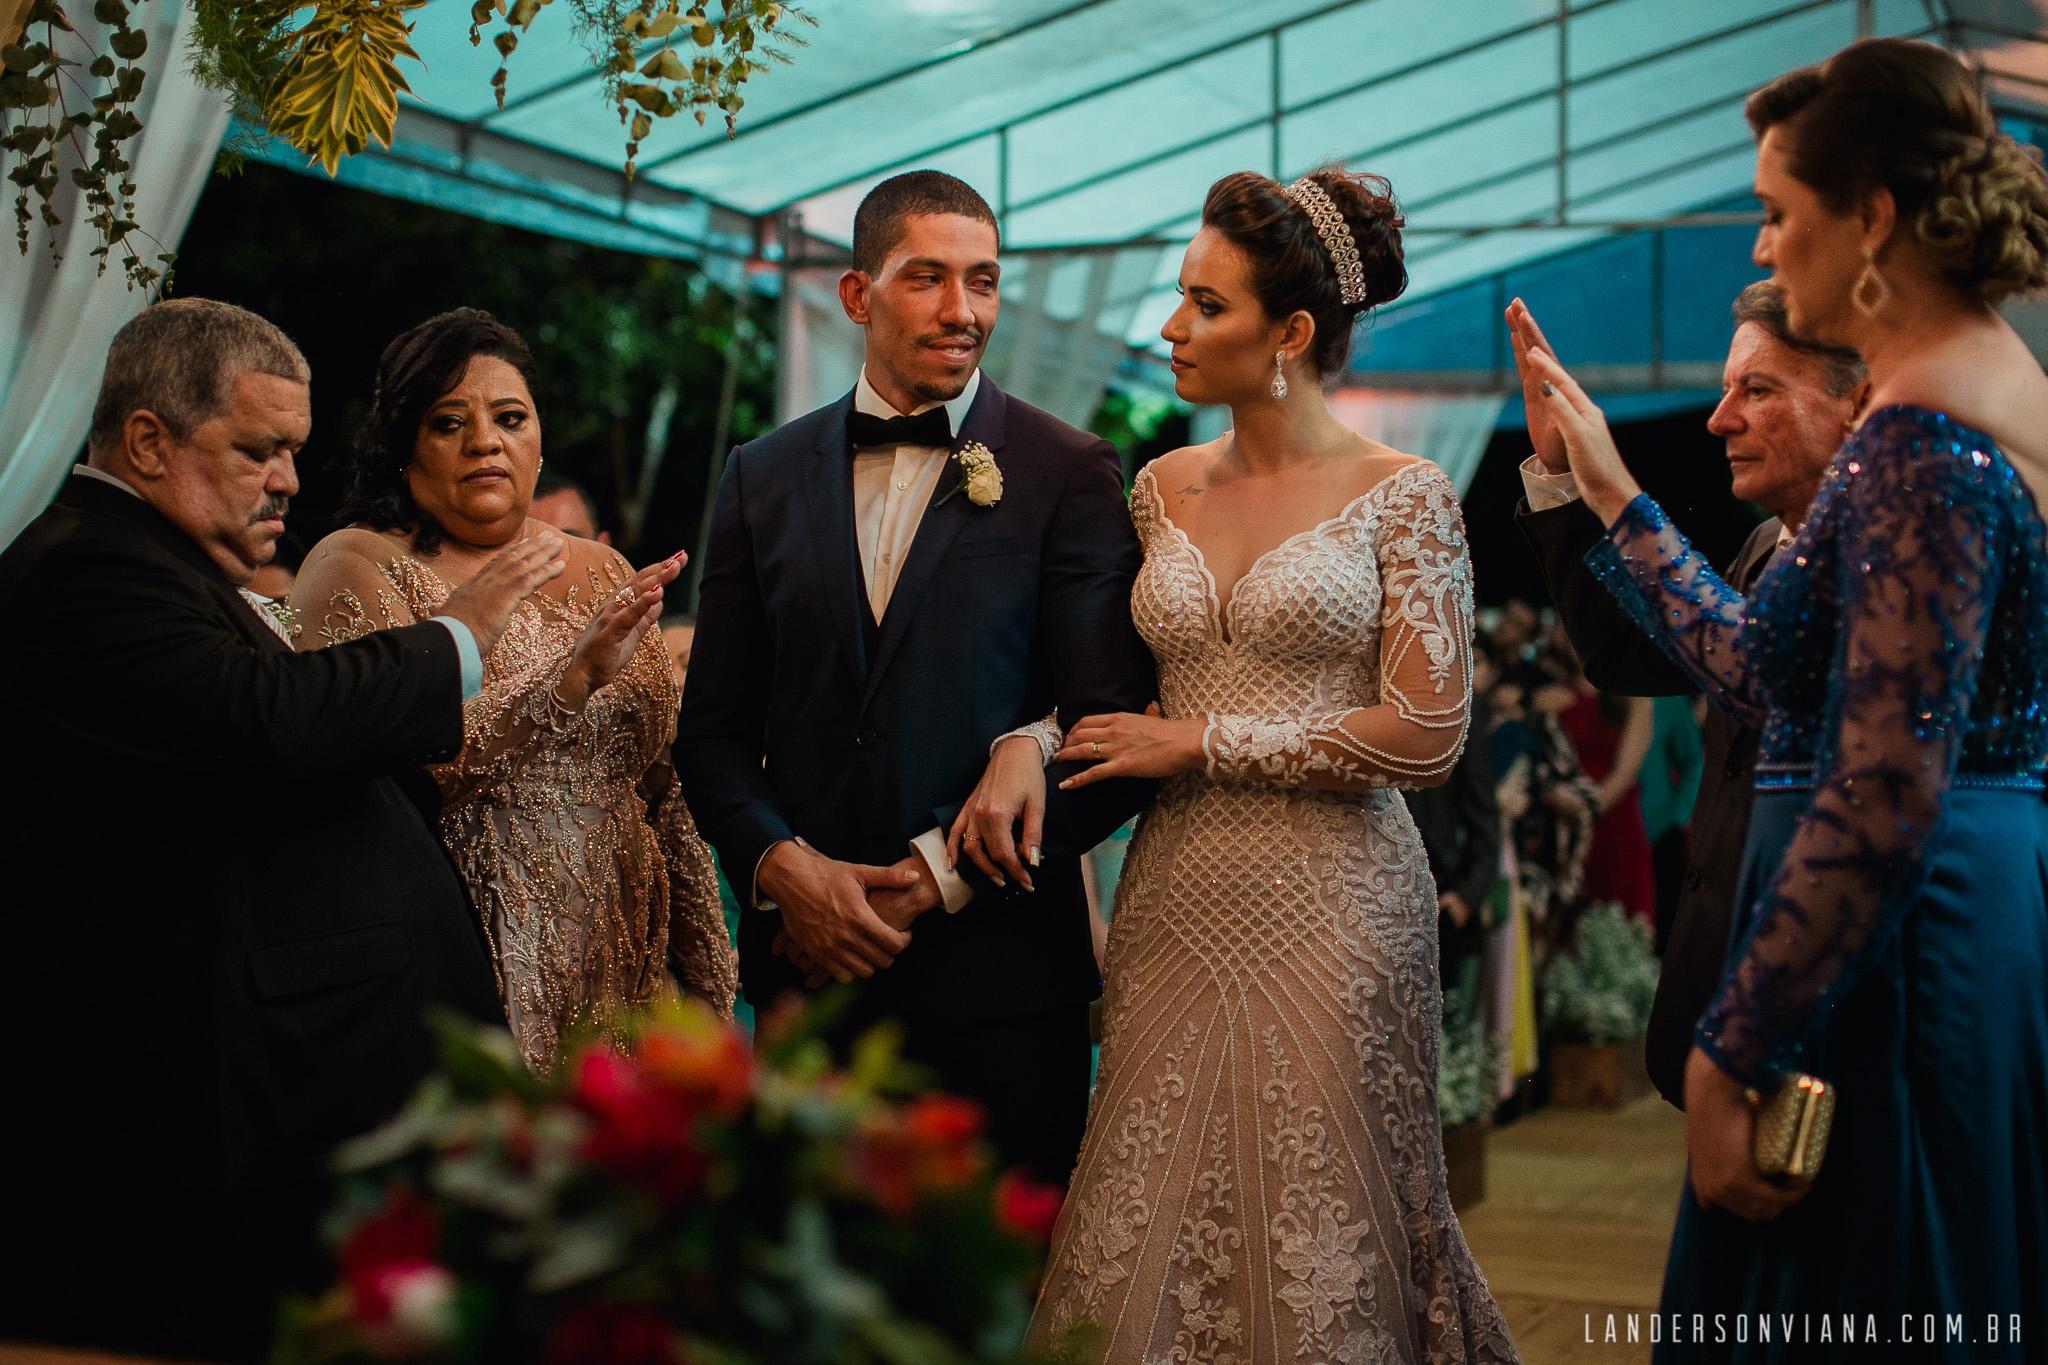 casamento_ar_livre_festa_jessica_raphael-26.jpg